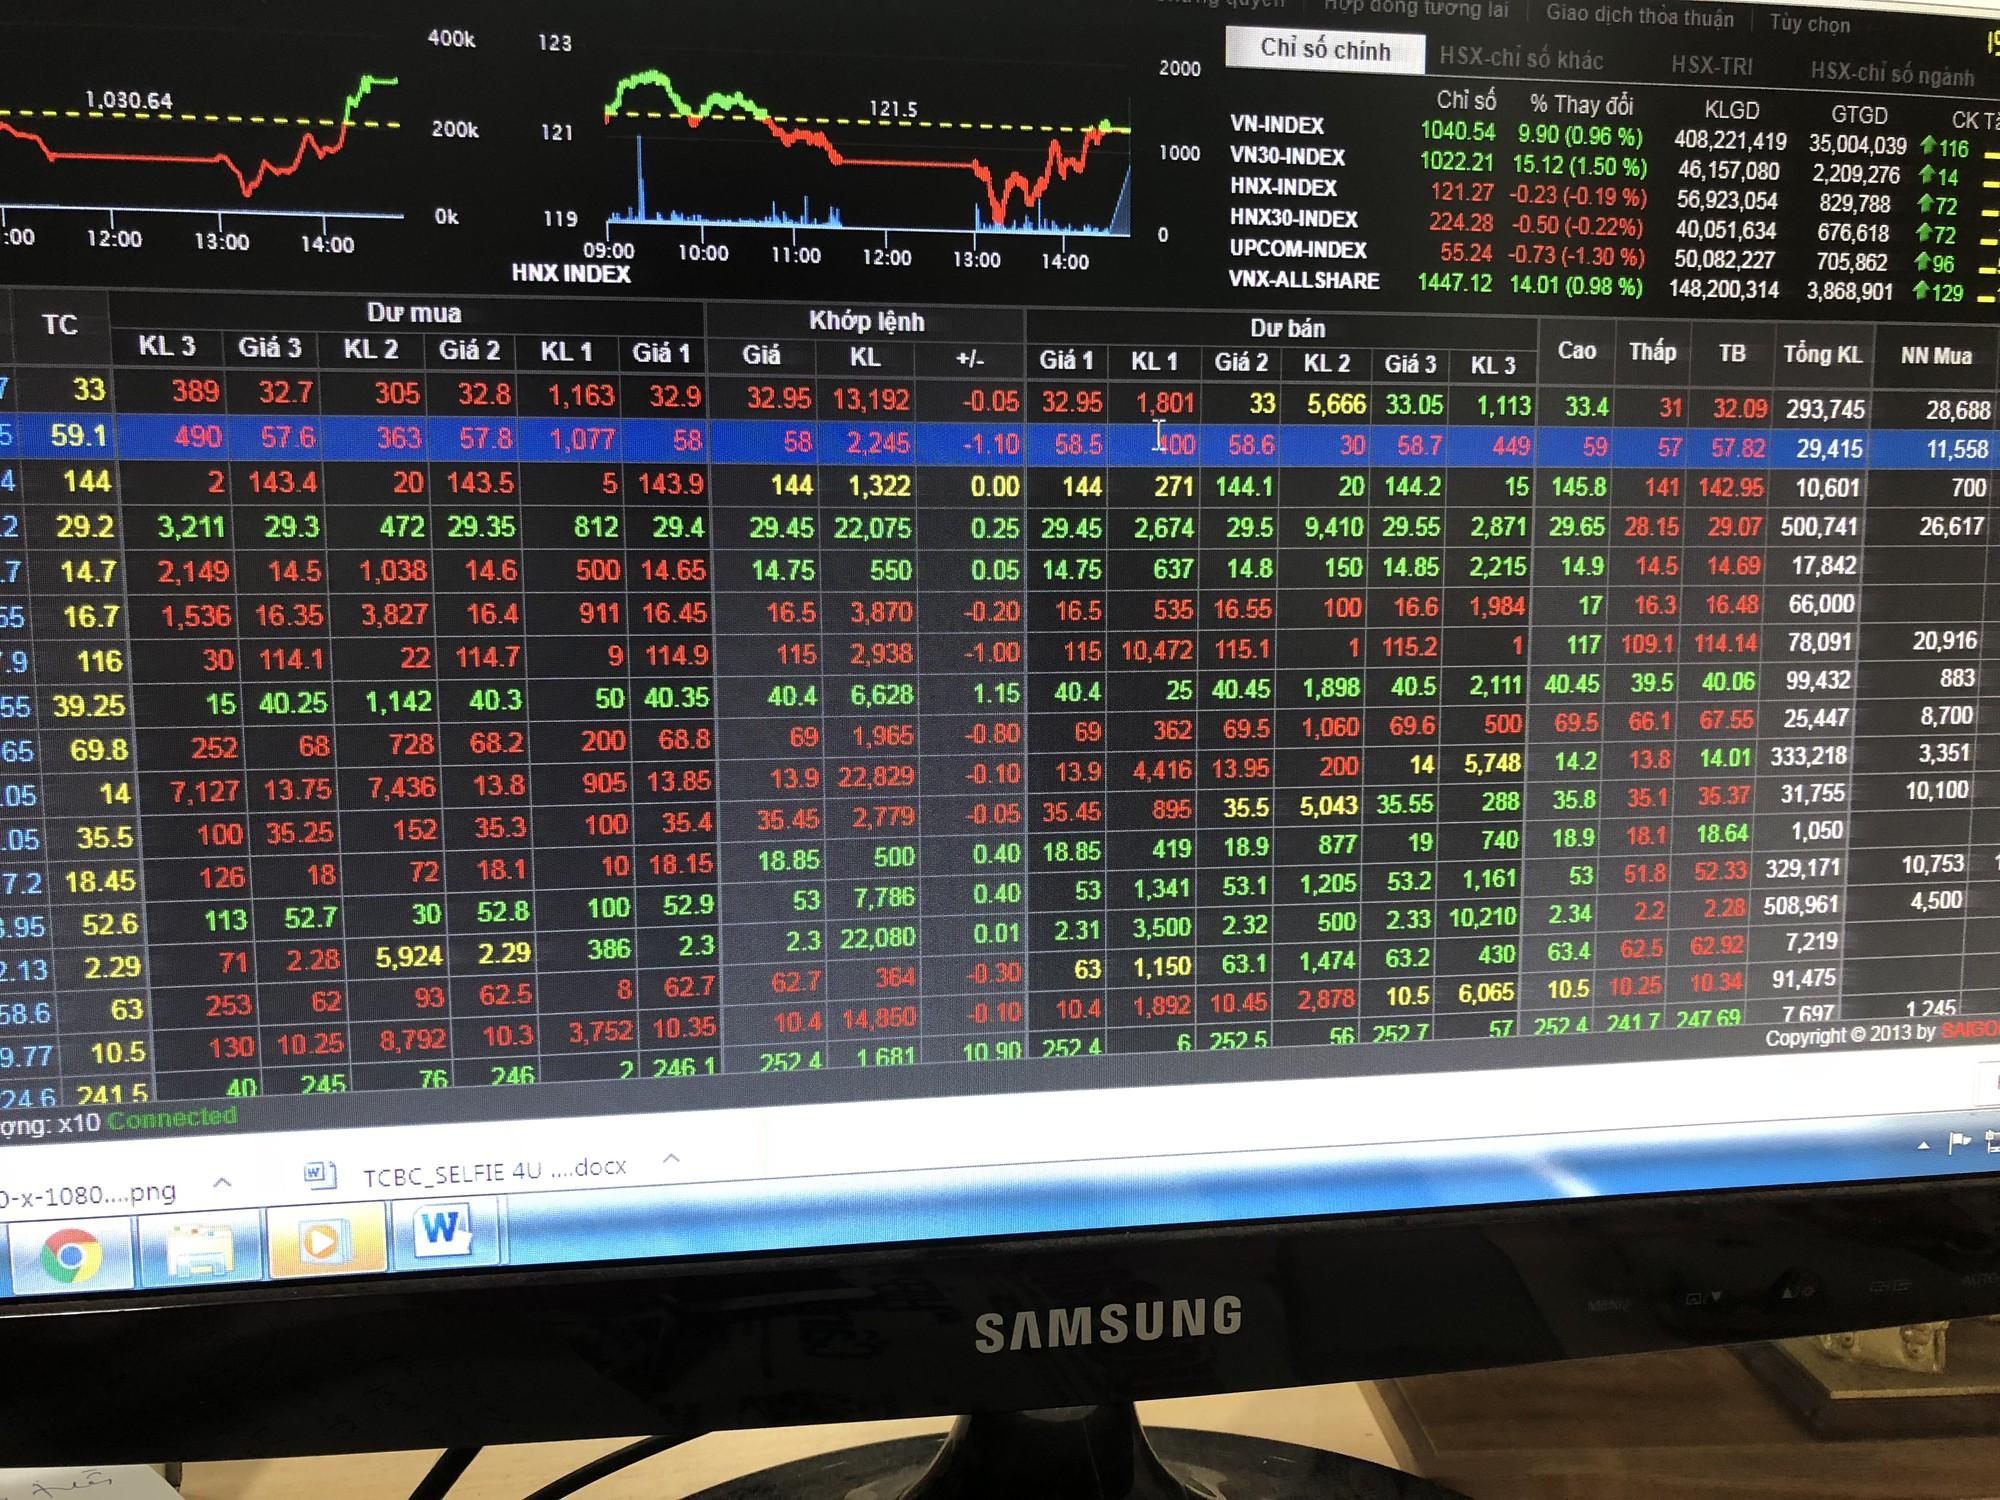 Nhìn lại cổ phiếu BĐS tuần 24 - 28/8: Giao dịch tích cực, VCR tiếp tục bứt phá